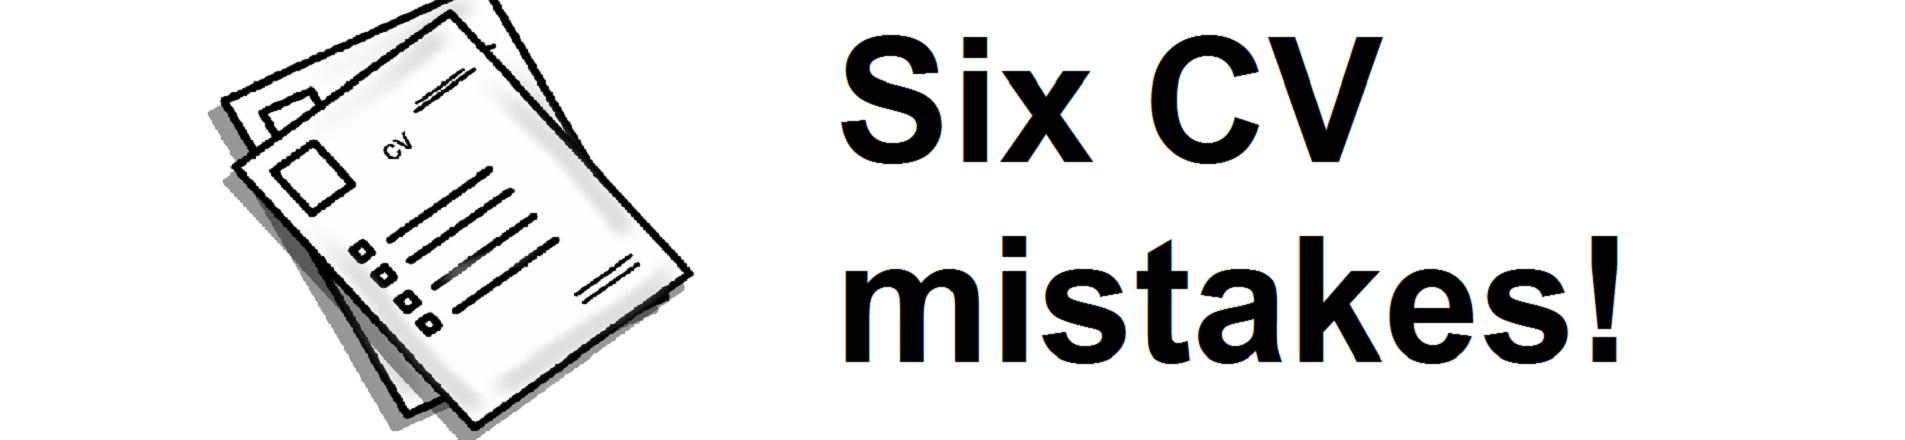 Six CV mistakes!